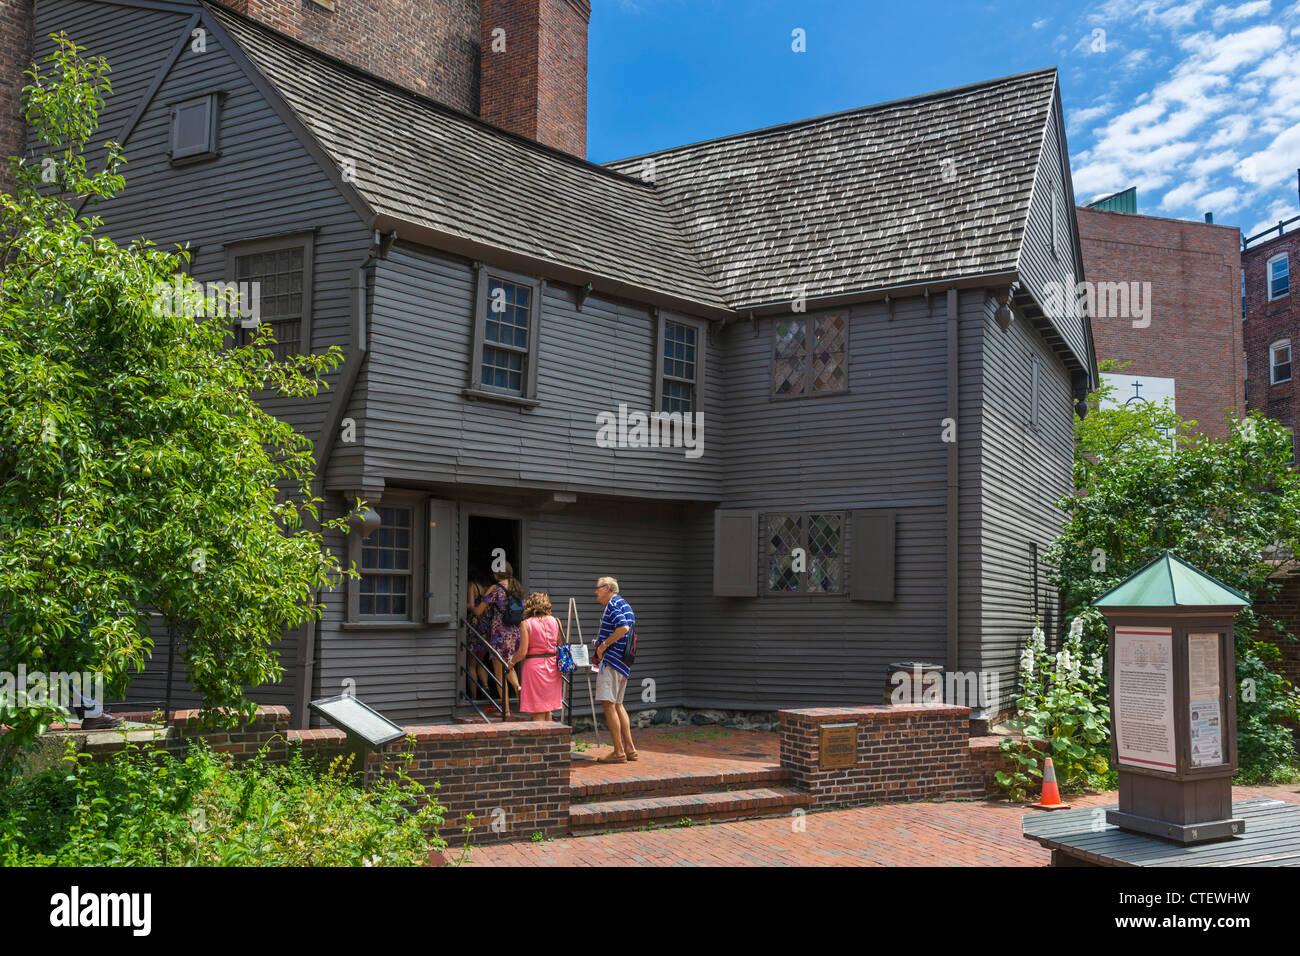 Los turistas en la casa de Paul Revere en el Freedom Trail, Plaza Norte, North End, Boston, Massachusetts, EE.UU. Imagen De Stock